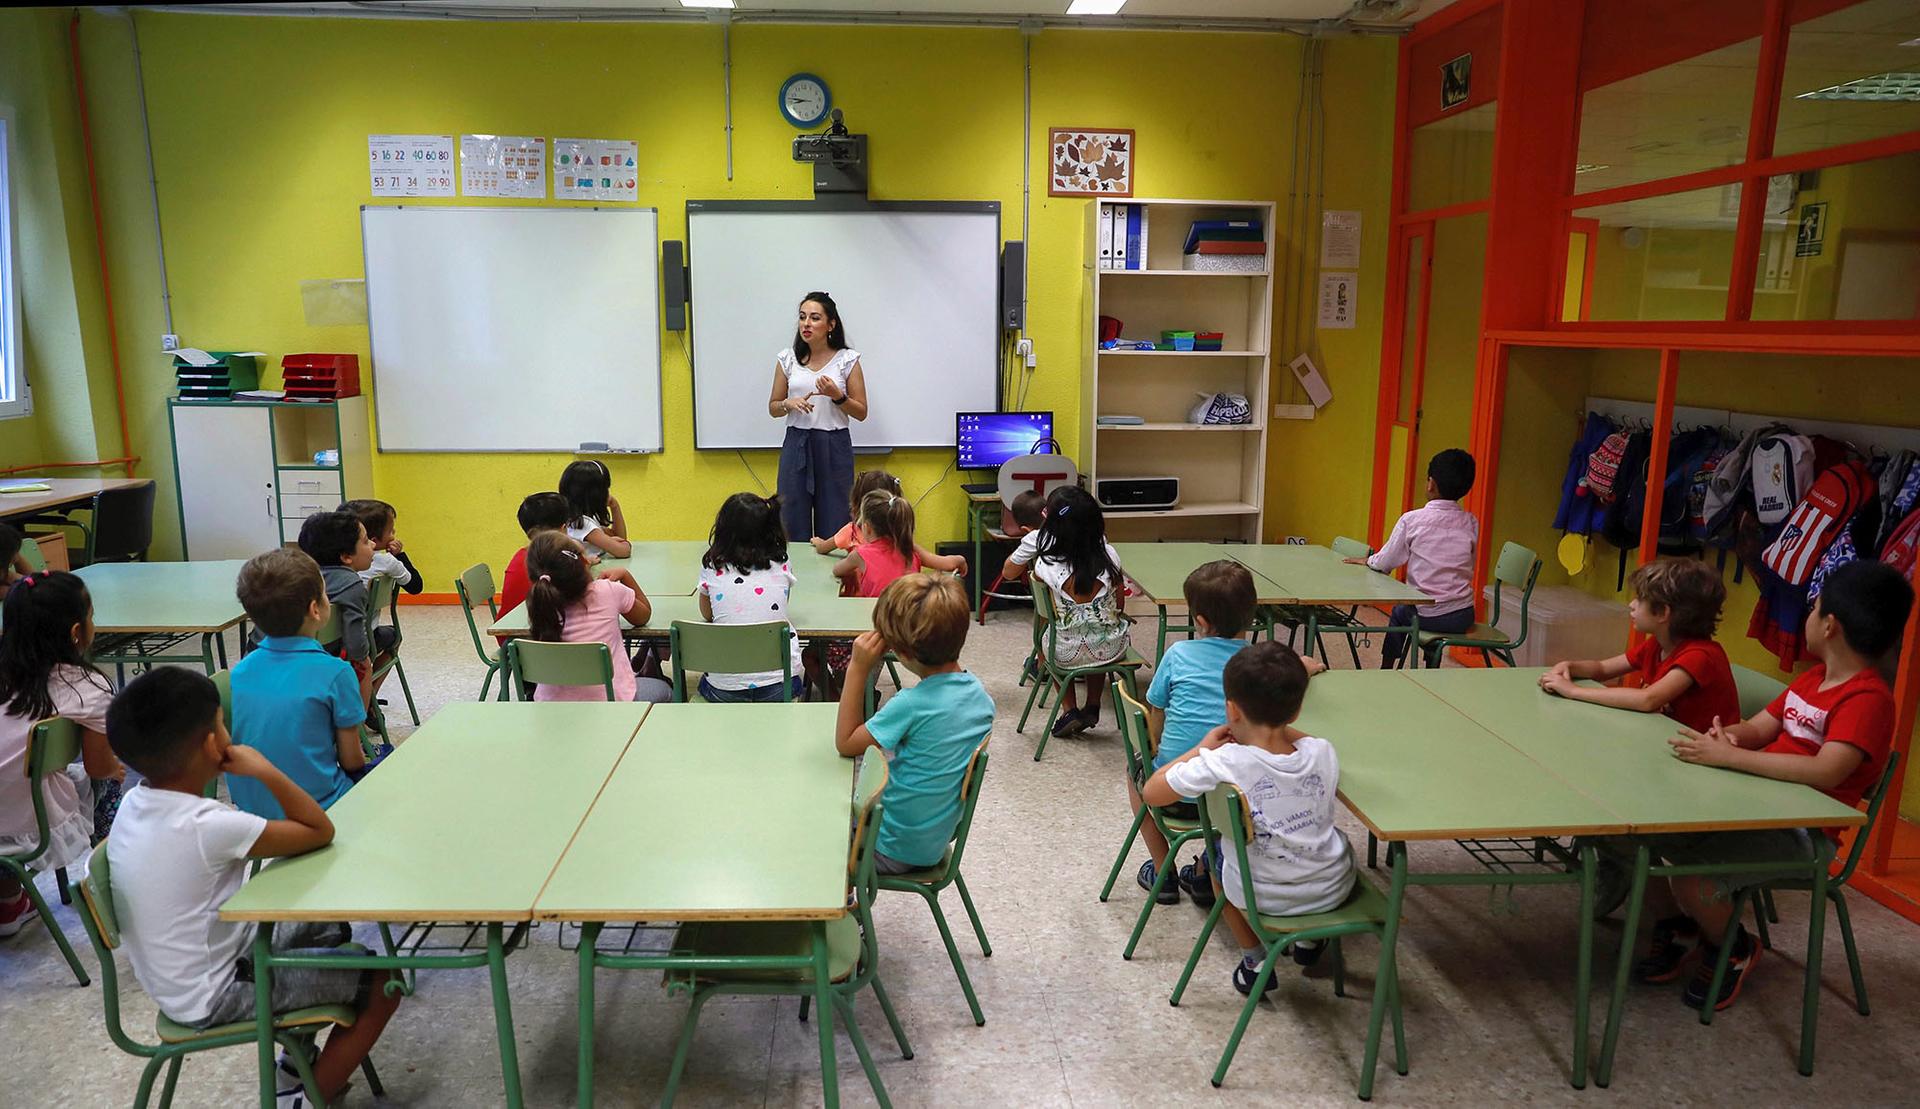 Перший день навчання після літніх канікул у початковій школі в Мадриді, Іспанія, 7 вересня 2018 року. Навчальний рік в Іспанії починається з 6 по 12 вересня, залежно від регіону